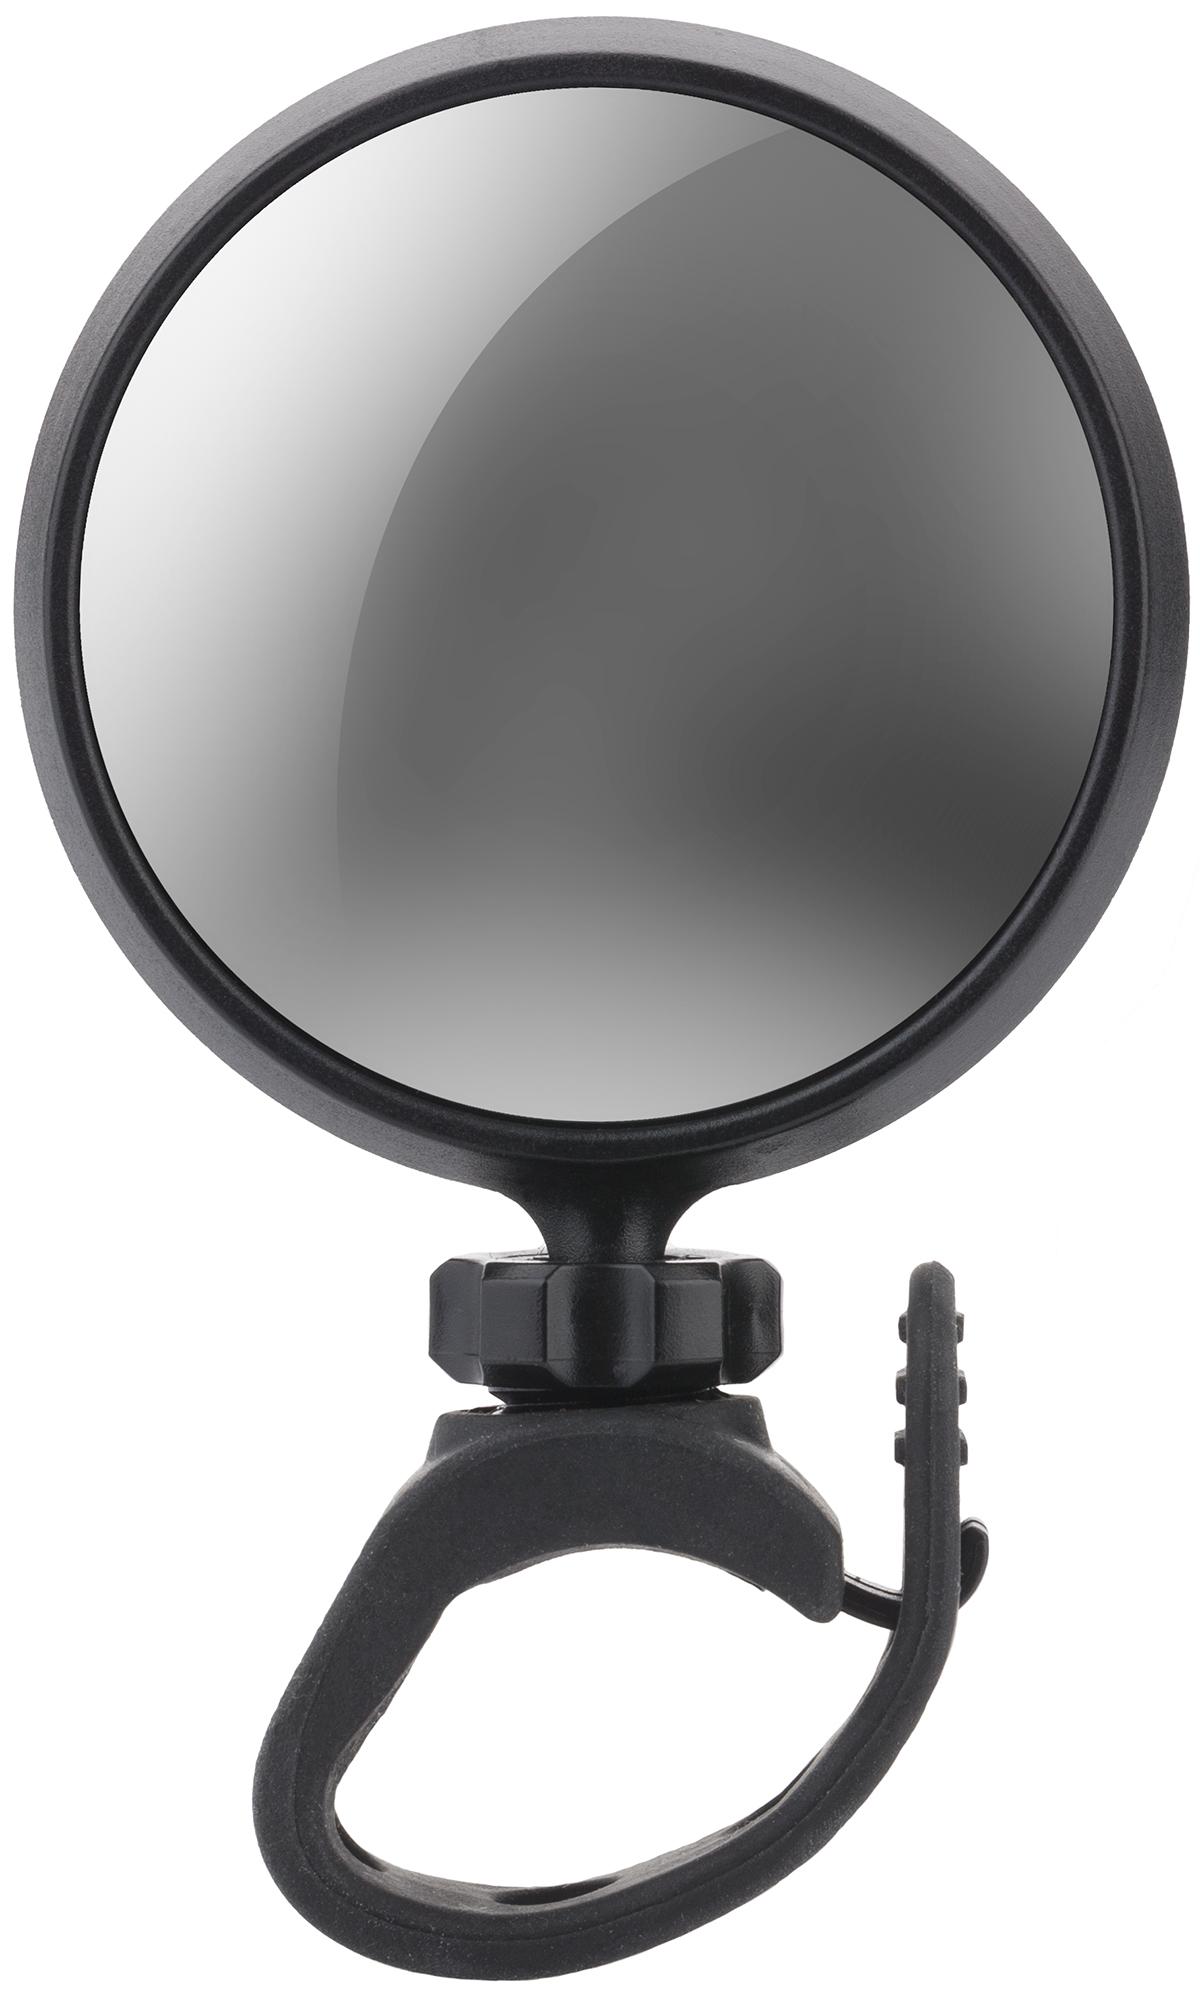 купить Stern Зеркало заднего вида Stern недорого